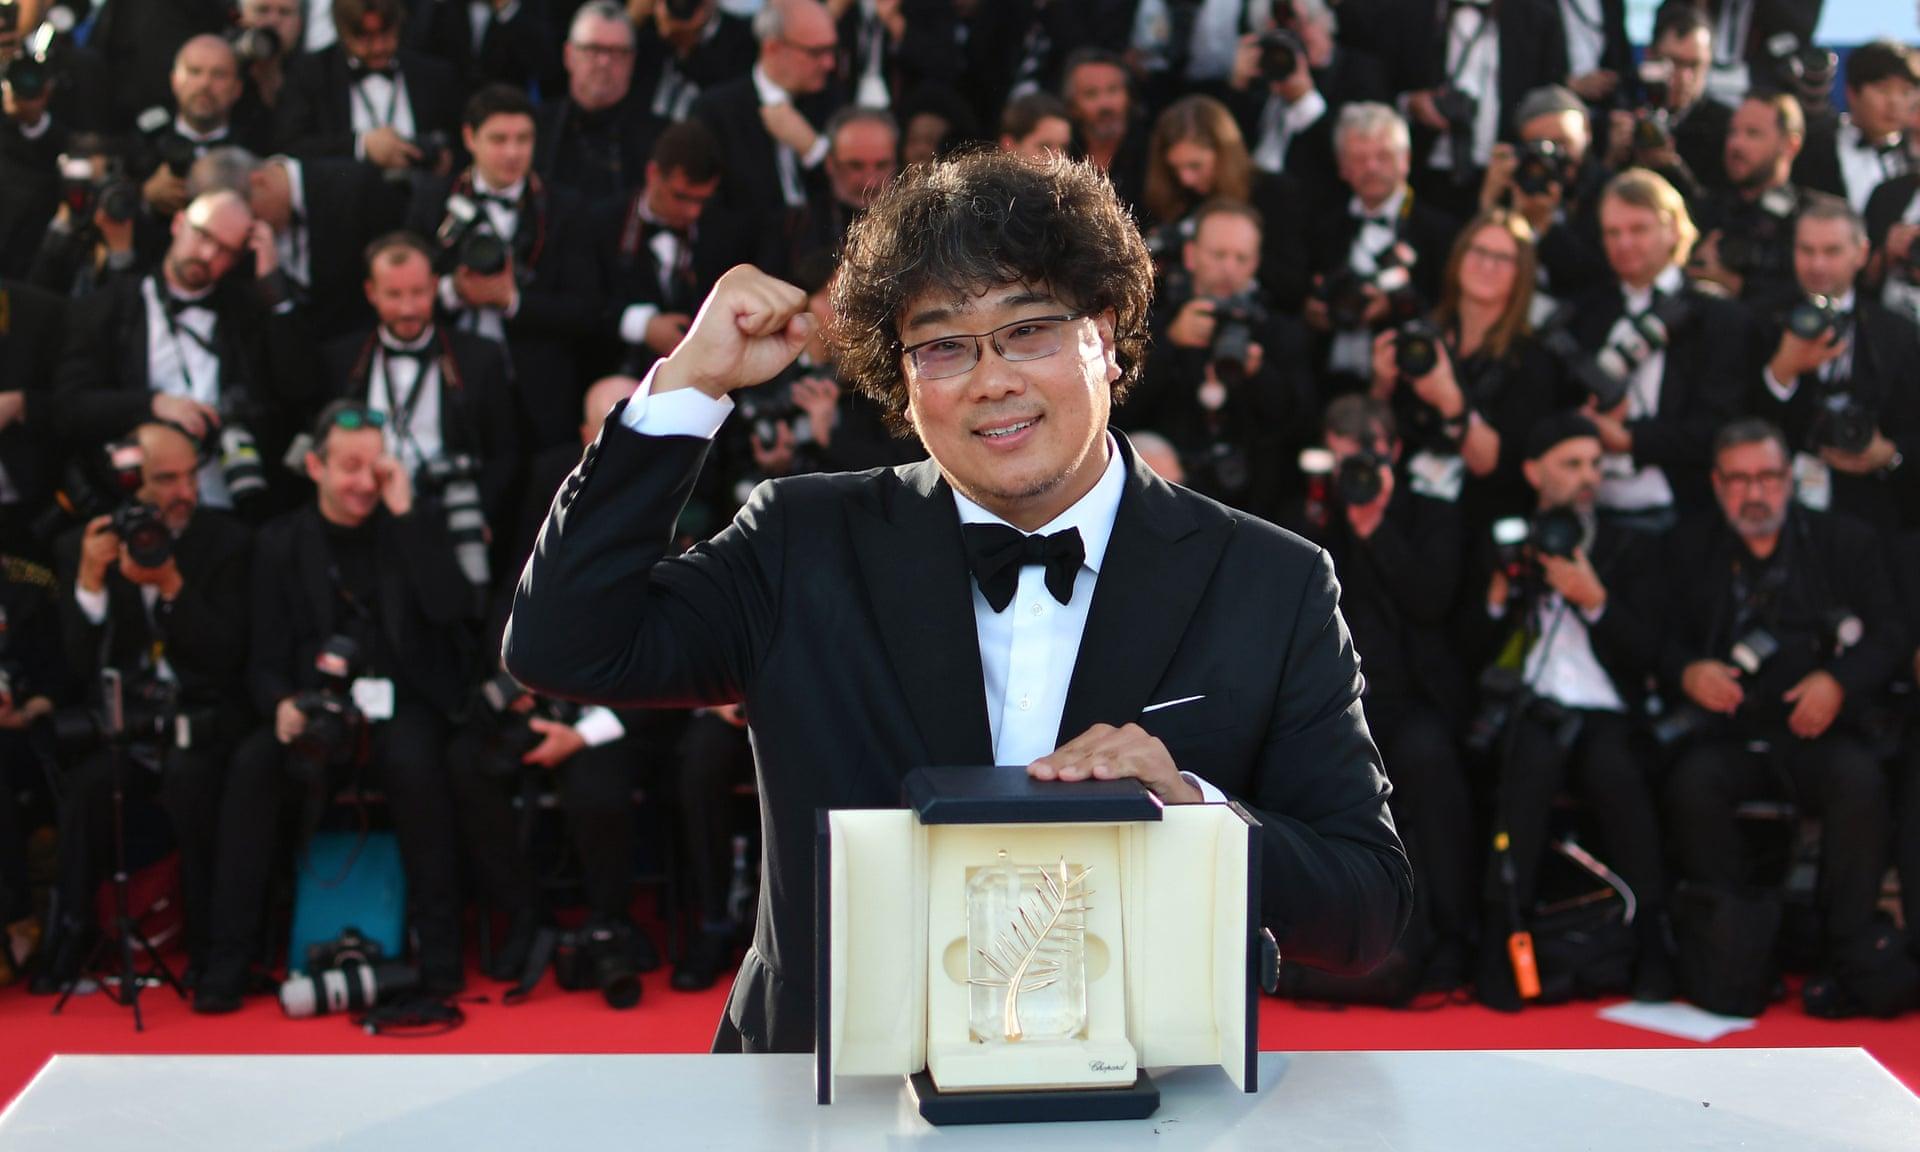 Bộ phim 18+ Hàn Quốc đạt 63 tỷ đồng sau 3 tuần tại Việt Nam, xác lập kỷ lục mới - 1